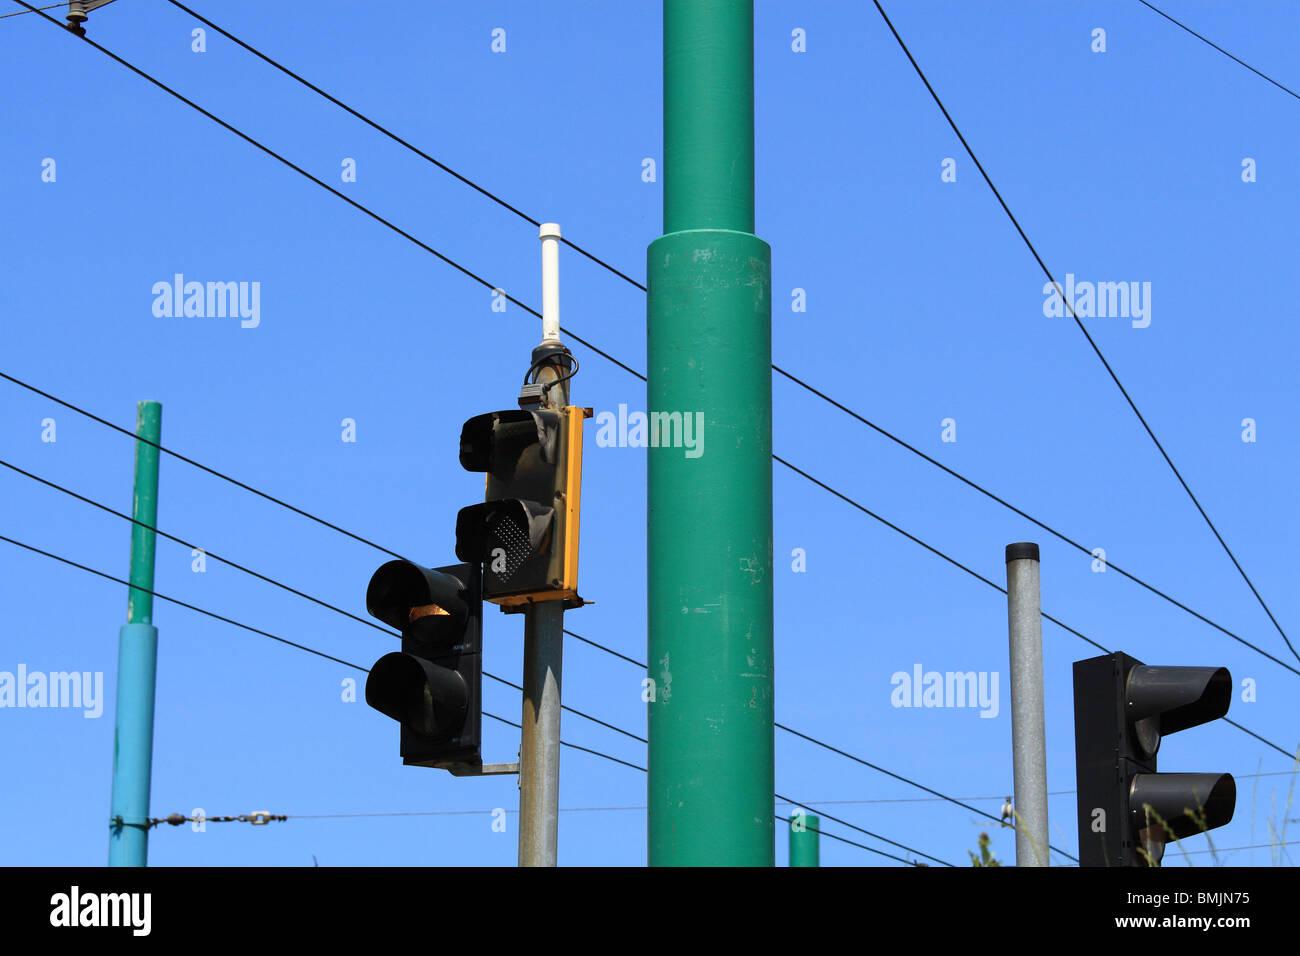 Großartig Alte Ampeln Draht Fotos - Der Schaltplan - greigo.com